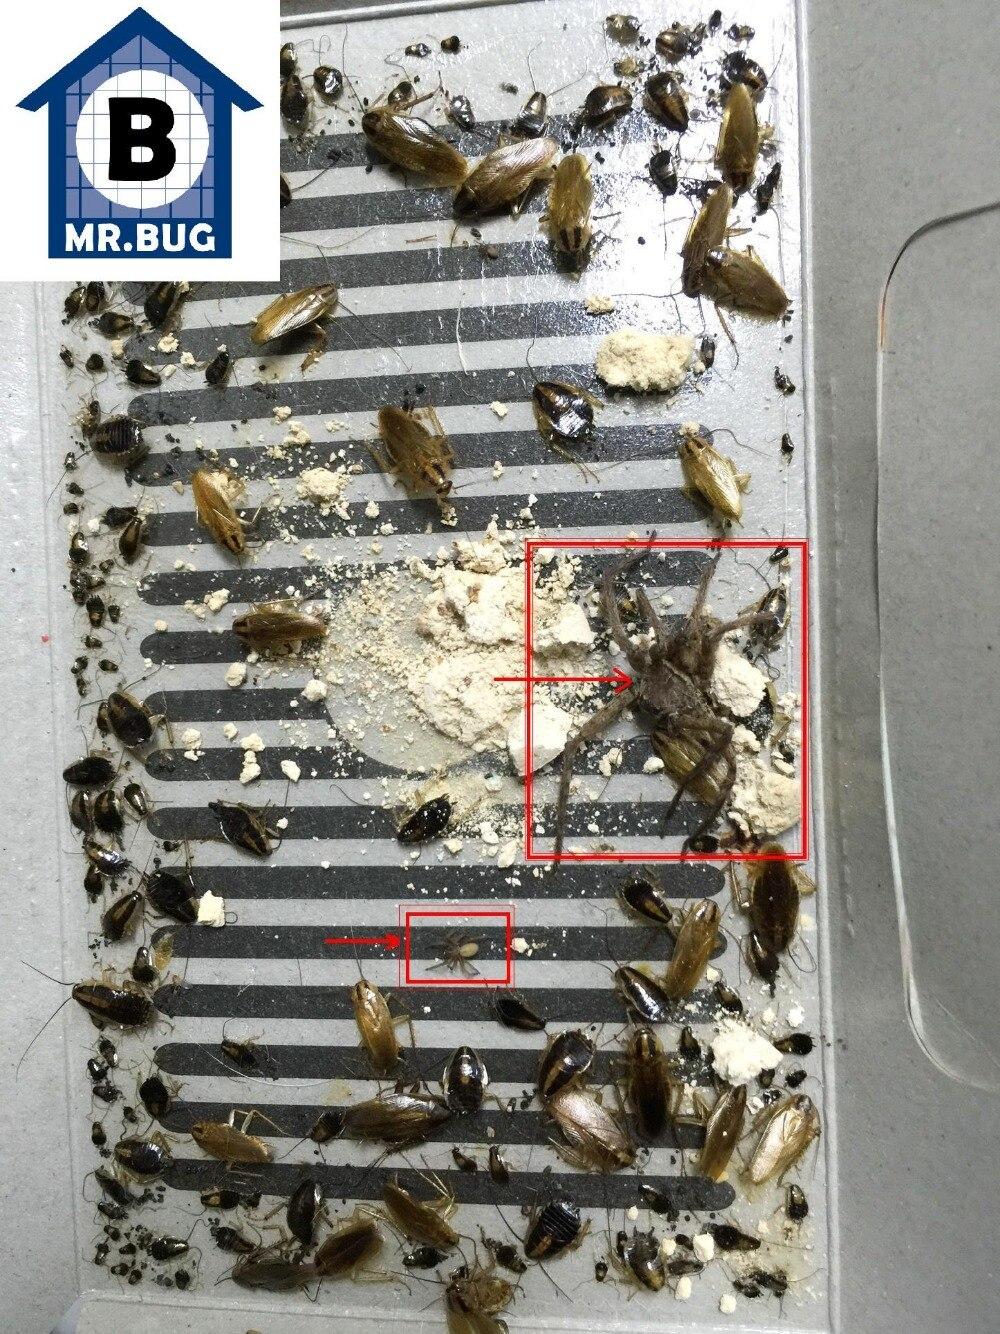 Piccoli Scarafaggi In Cucina us $4.99 |mr bug trappola scarafaggio esca killer scarafaggi repeller  controllo dei parassiti scarafaggio formiche termiti spider ratto del mouse